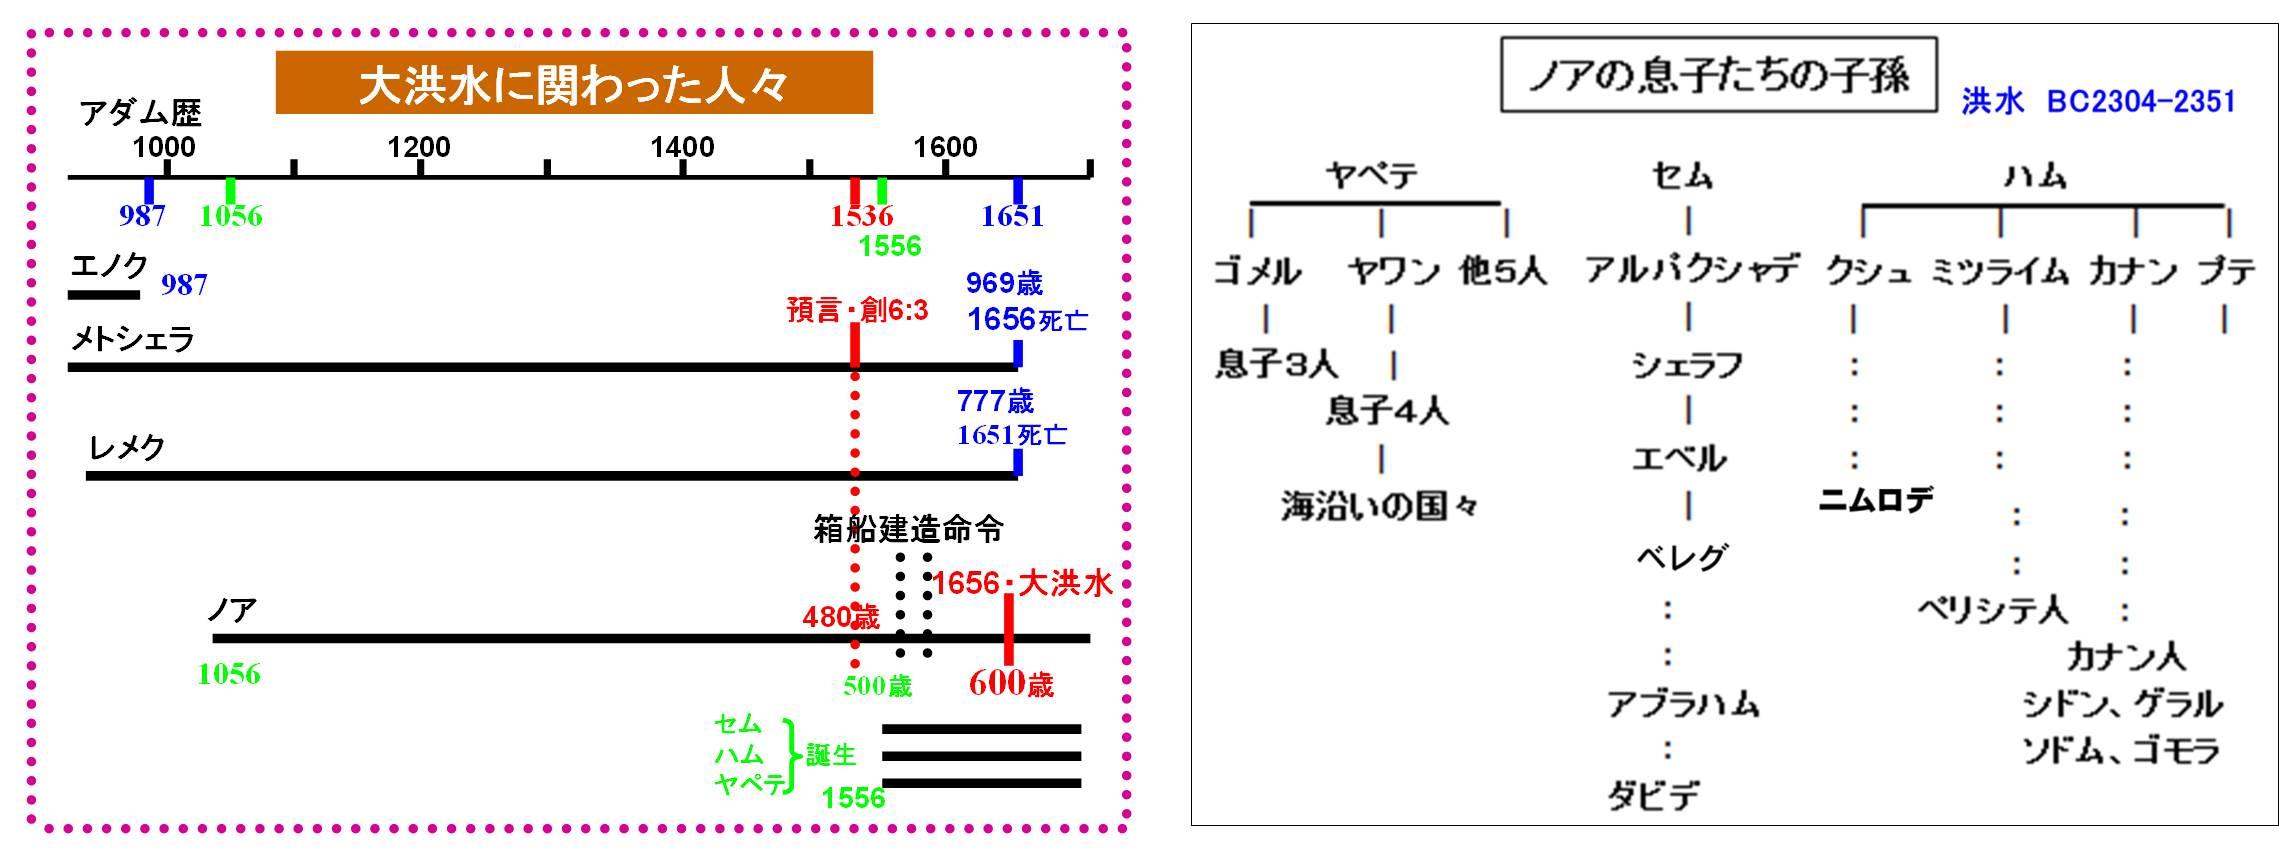 noah_11_2.jpg